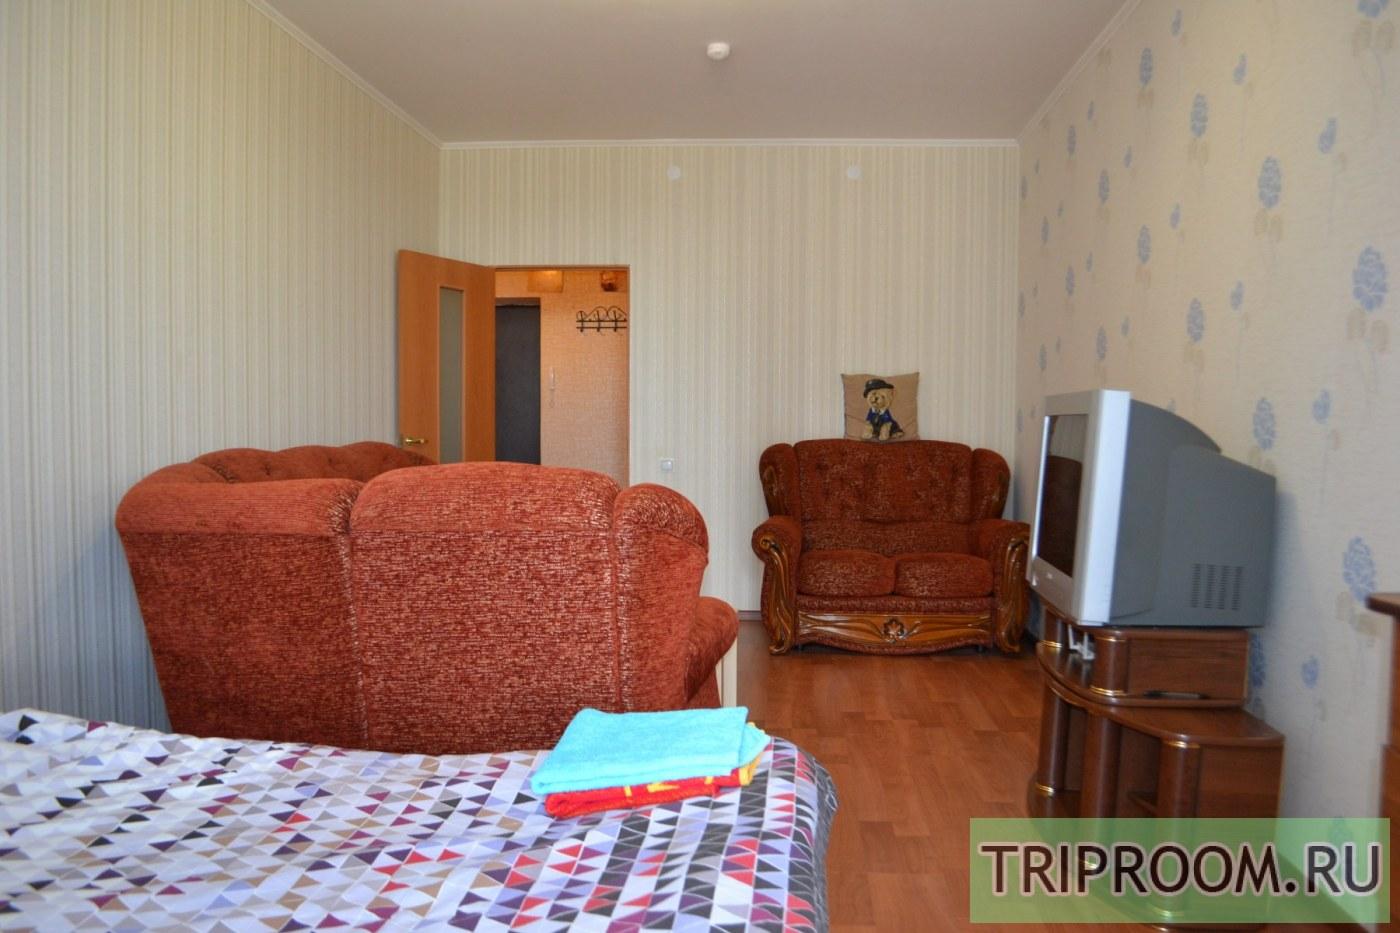 1-комнатная квартира посуточно (вариант № 39023), ул. Беляева улица, фото № 3